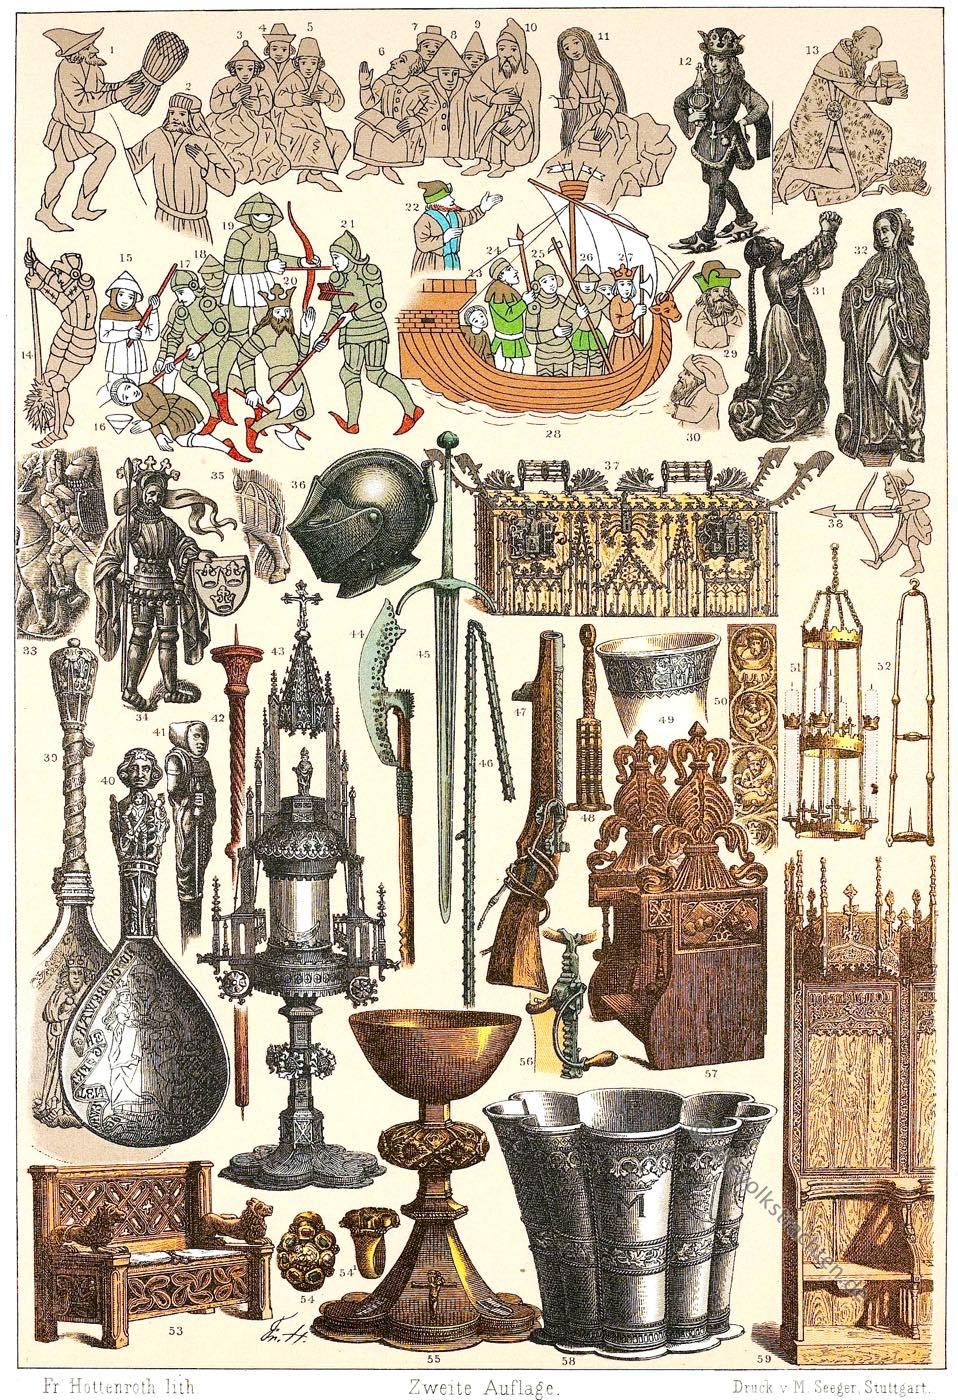 Gewandung, Krieger, Waffen, Nordmänner, Wikinger, Mittelalter, Schmuck, Utensilien, Möbel, Liturgie, Friedrich Hottenroth